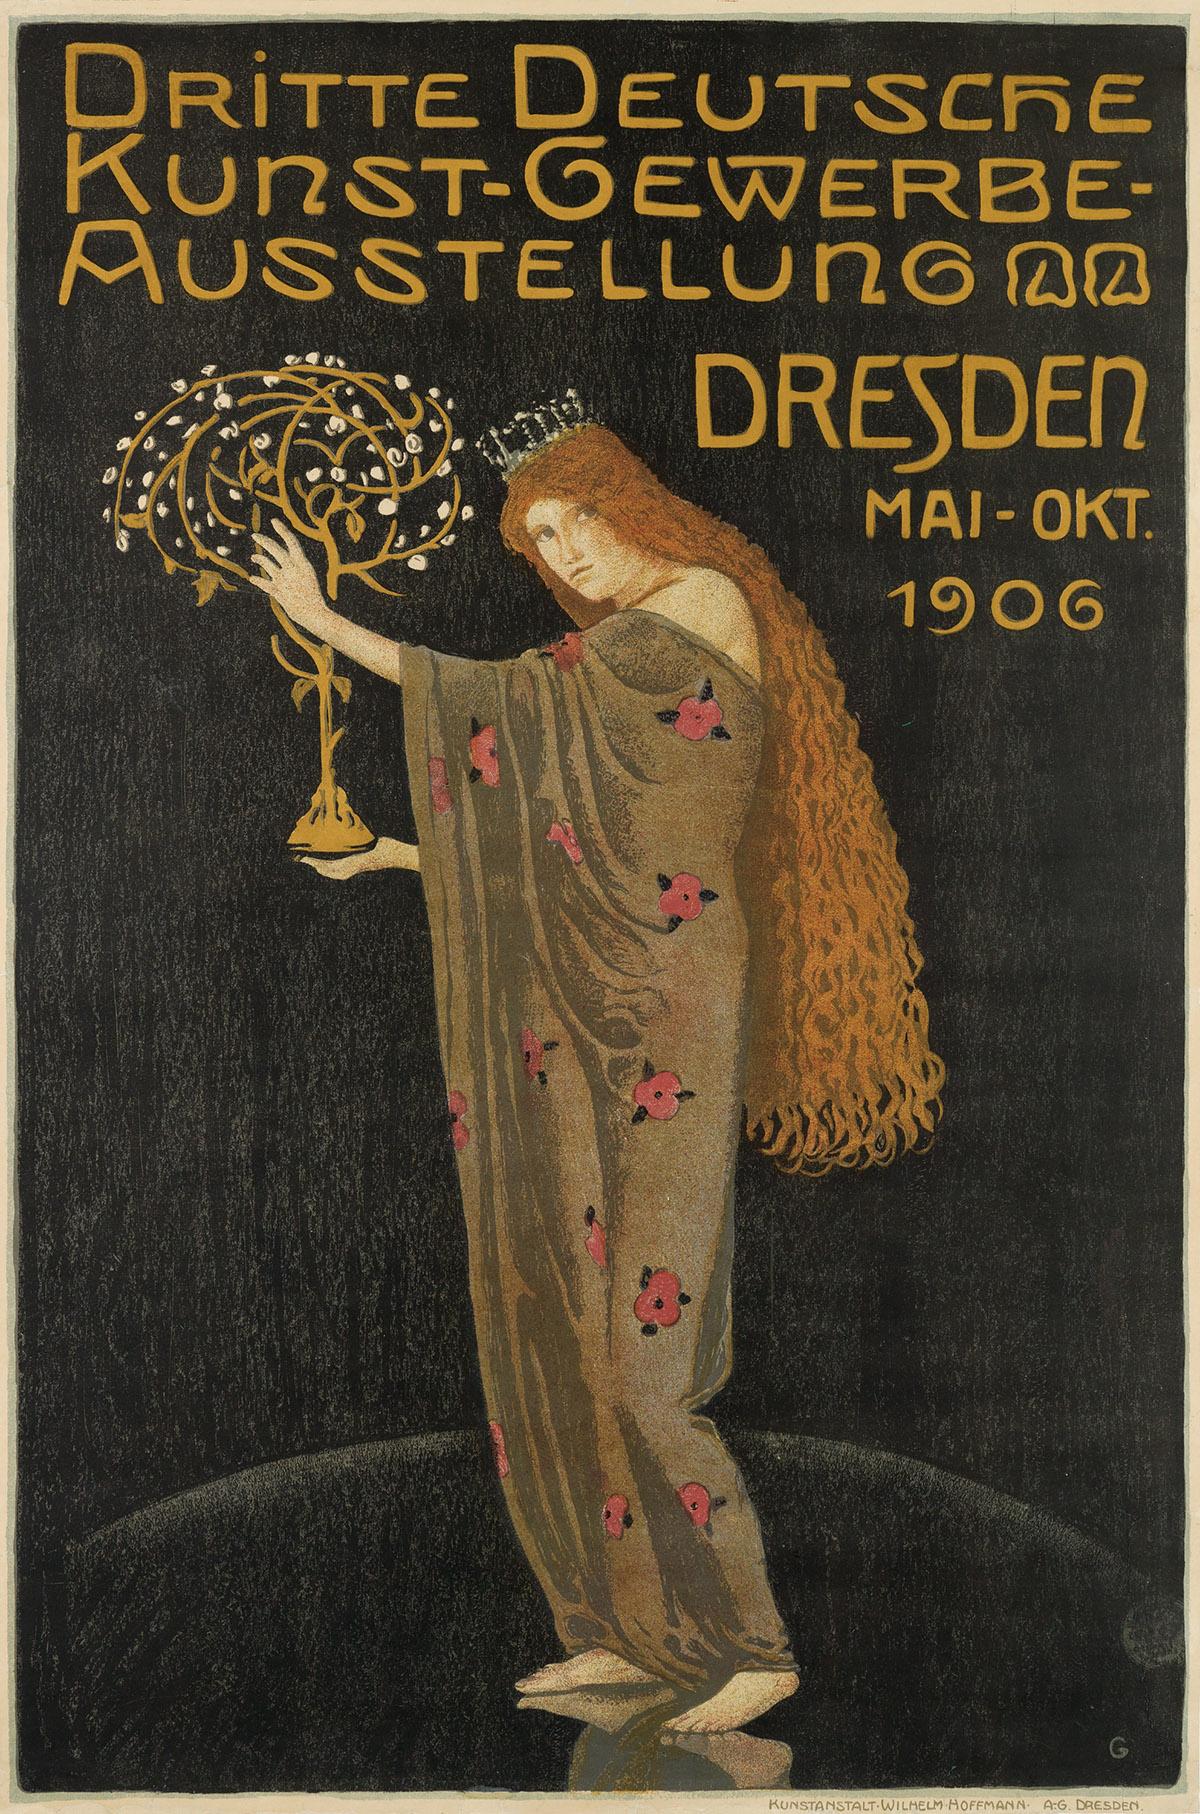 OTTO GUSSMANN (1869-1926). DRITTE DEUTSCHE KUNST - GEWERBE - AUSSTELLUNG / DRESDEN. 1906. 35x23 inches, 90x59 cm. Wilhelm Hoffmann, Dre